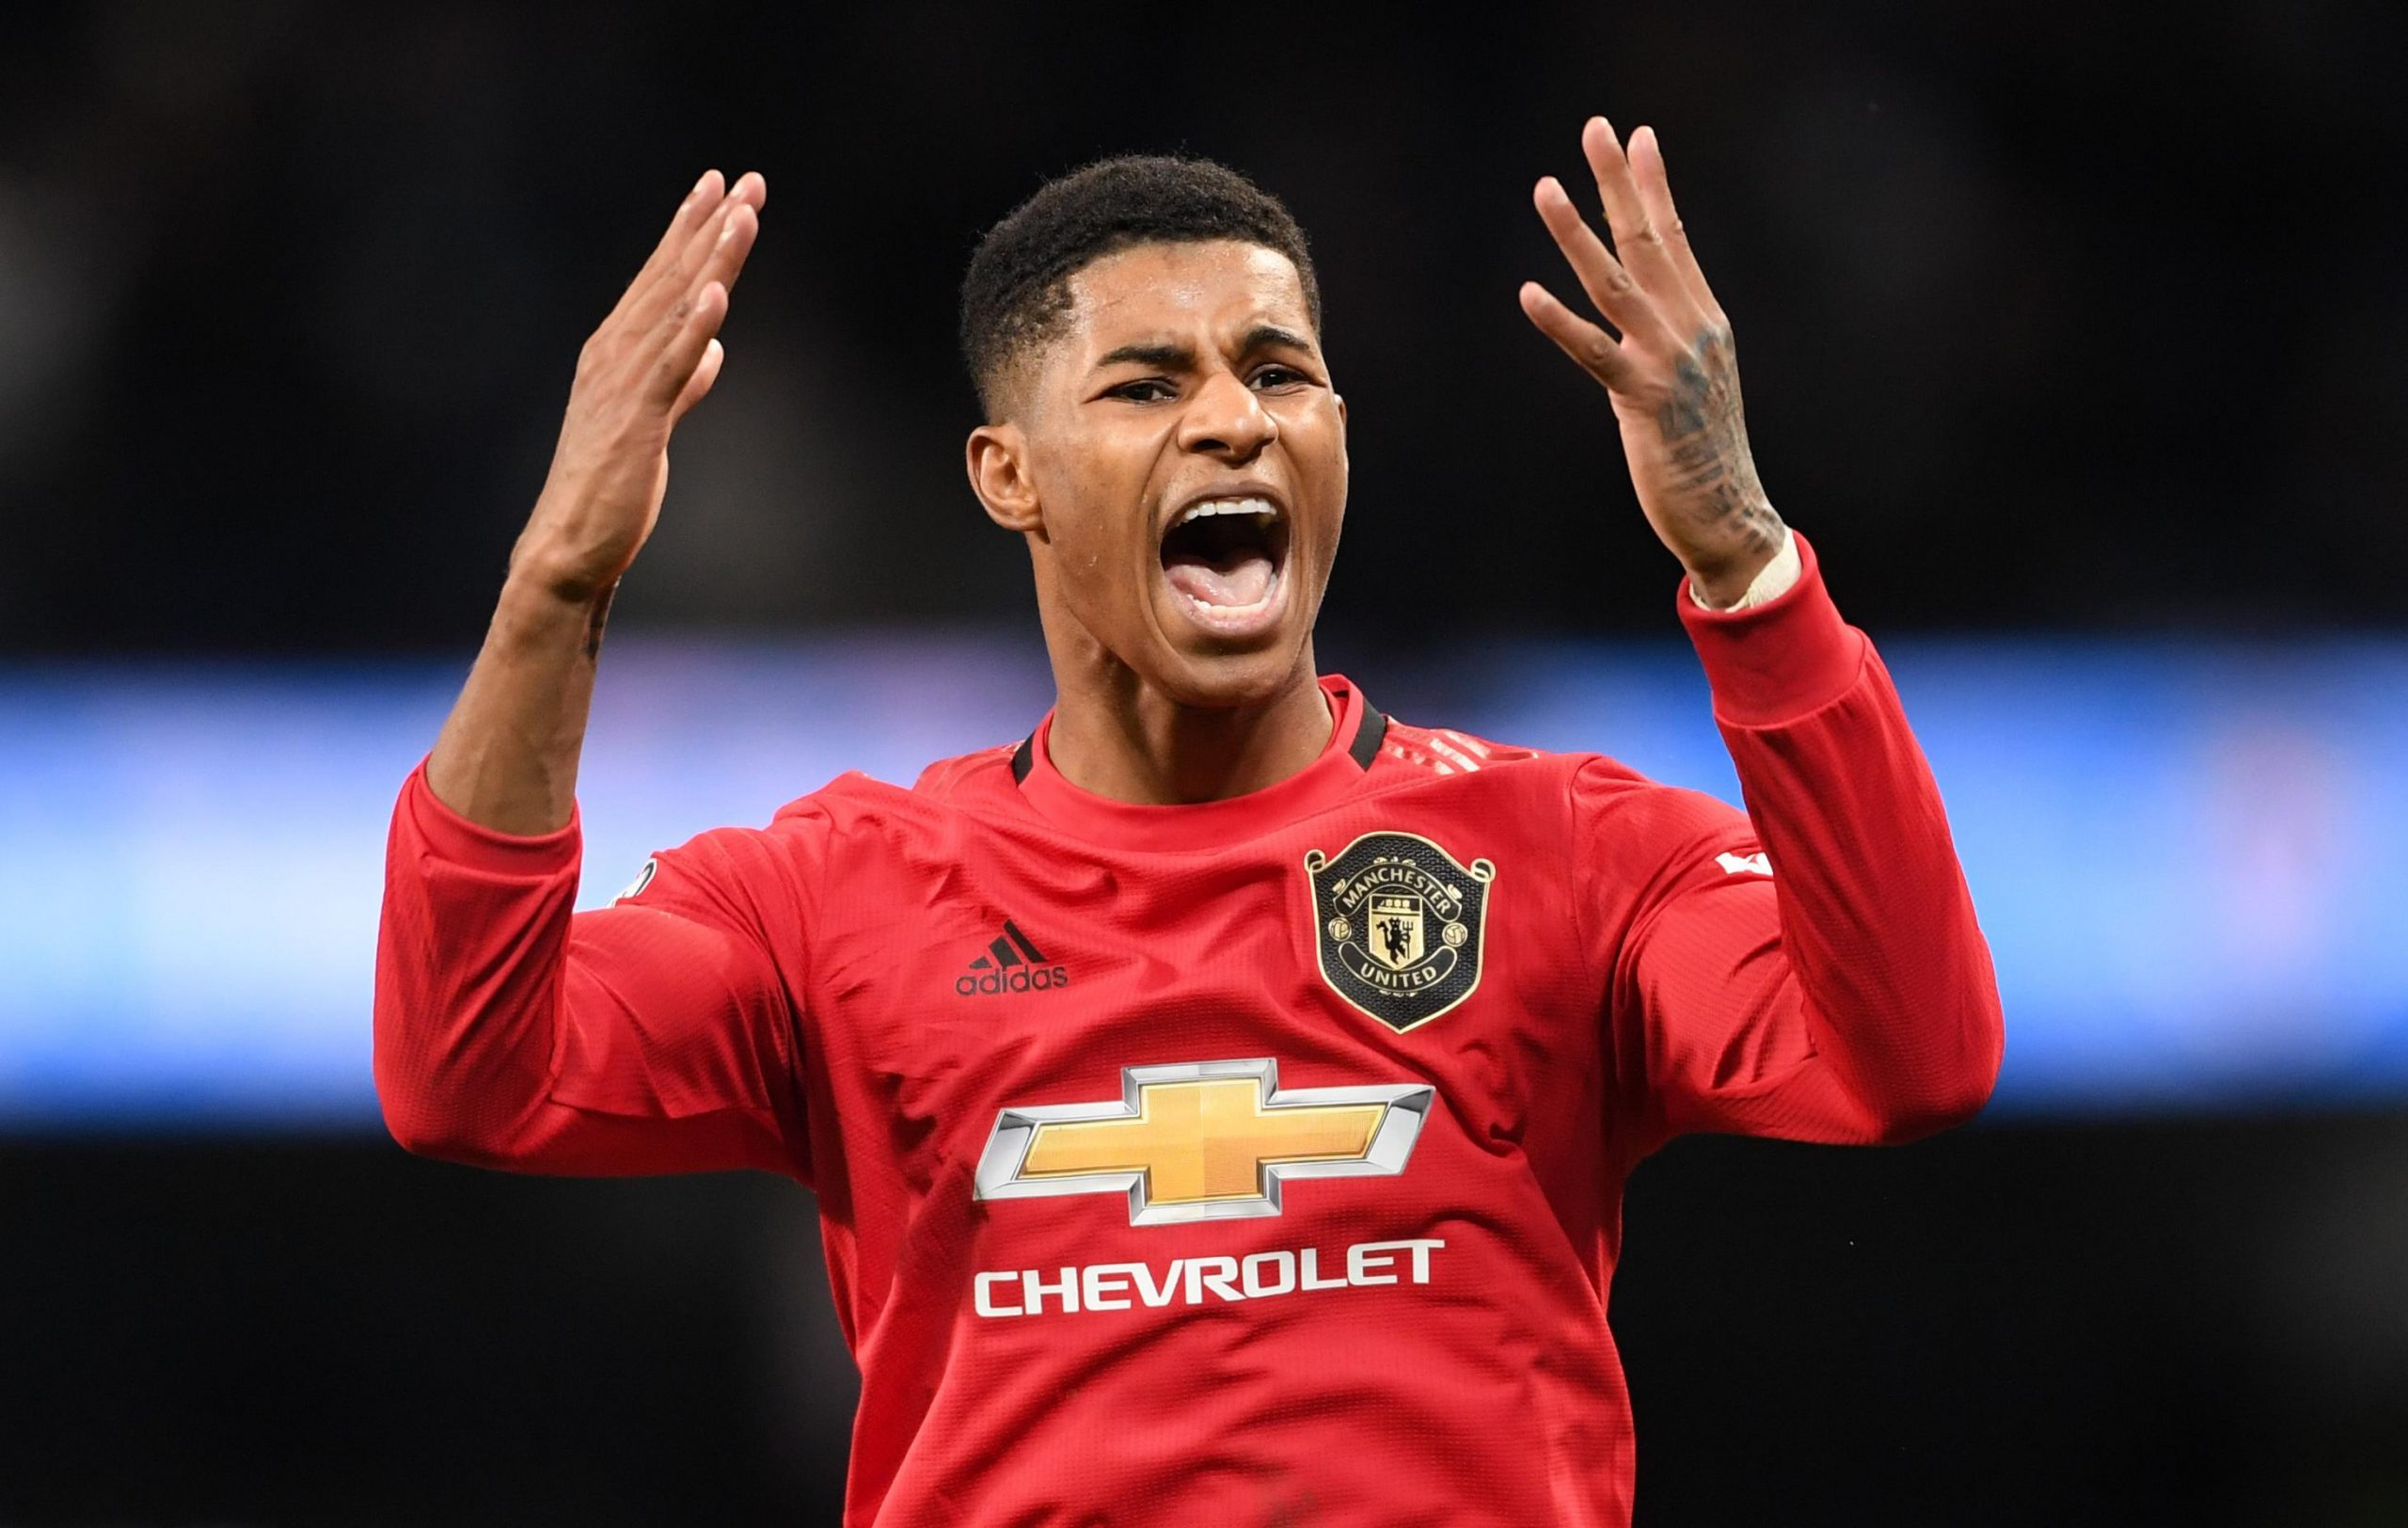 """Гравець """"Манчестер Юнайтед"""" очолив список найдорожчих футболістів світу"""